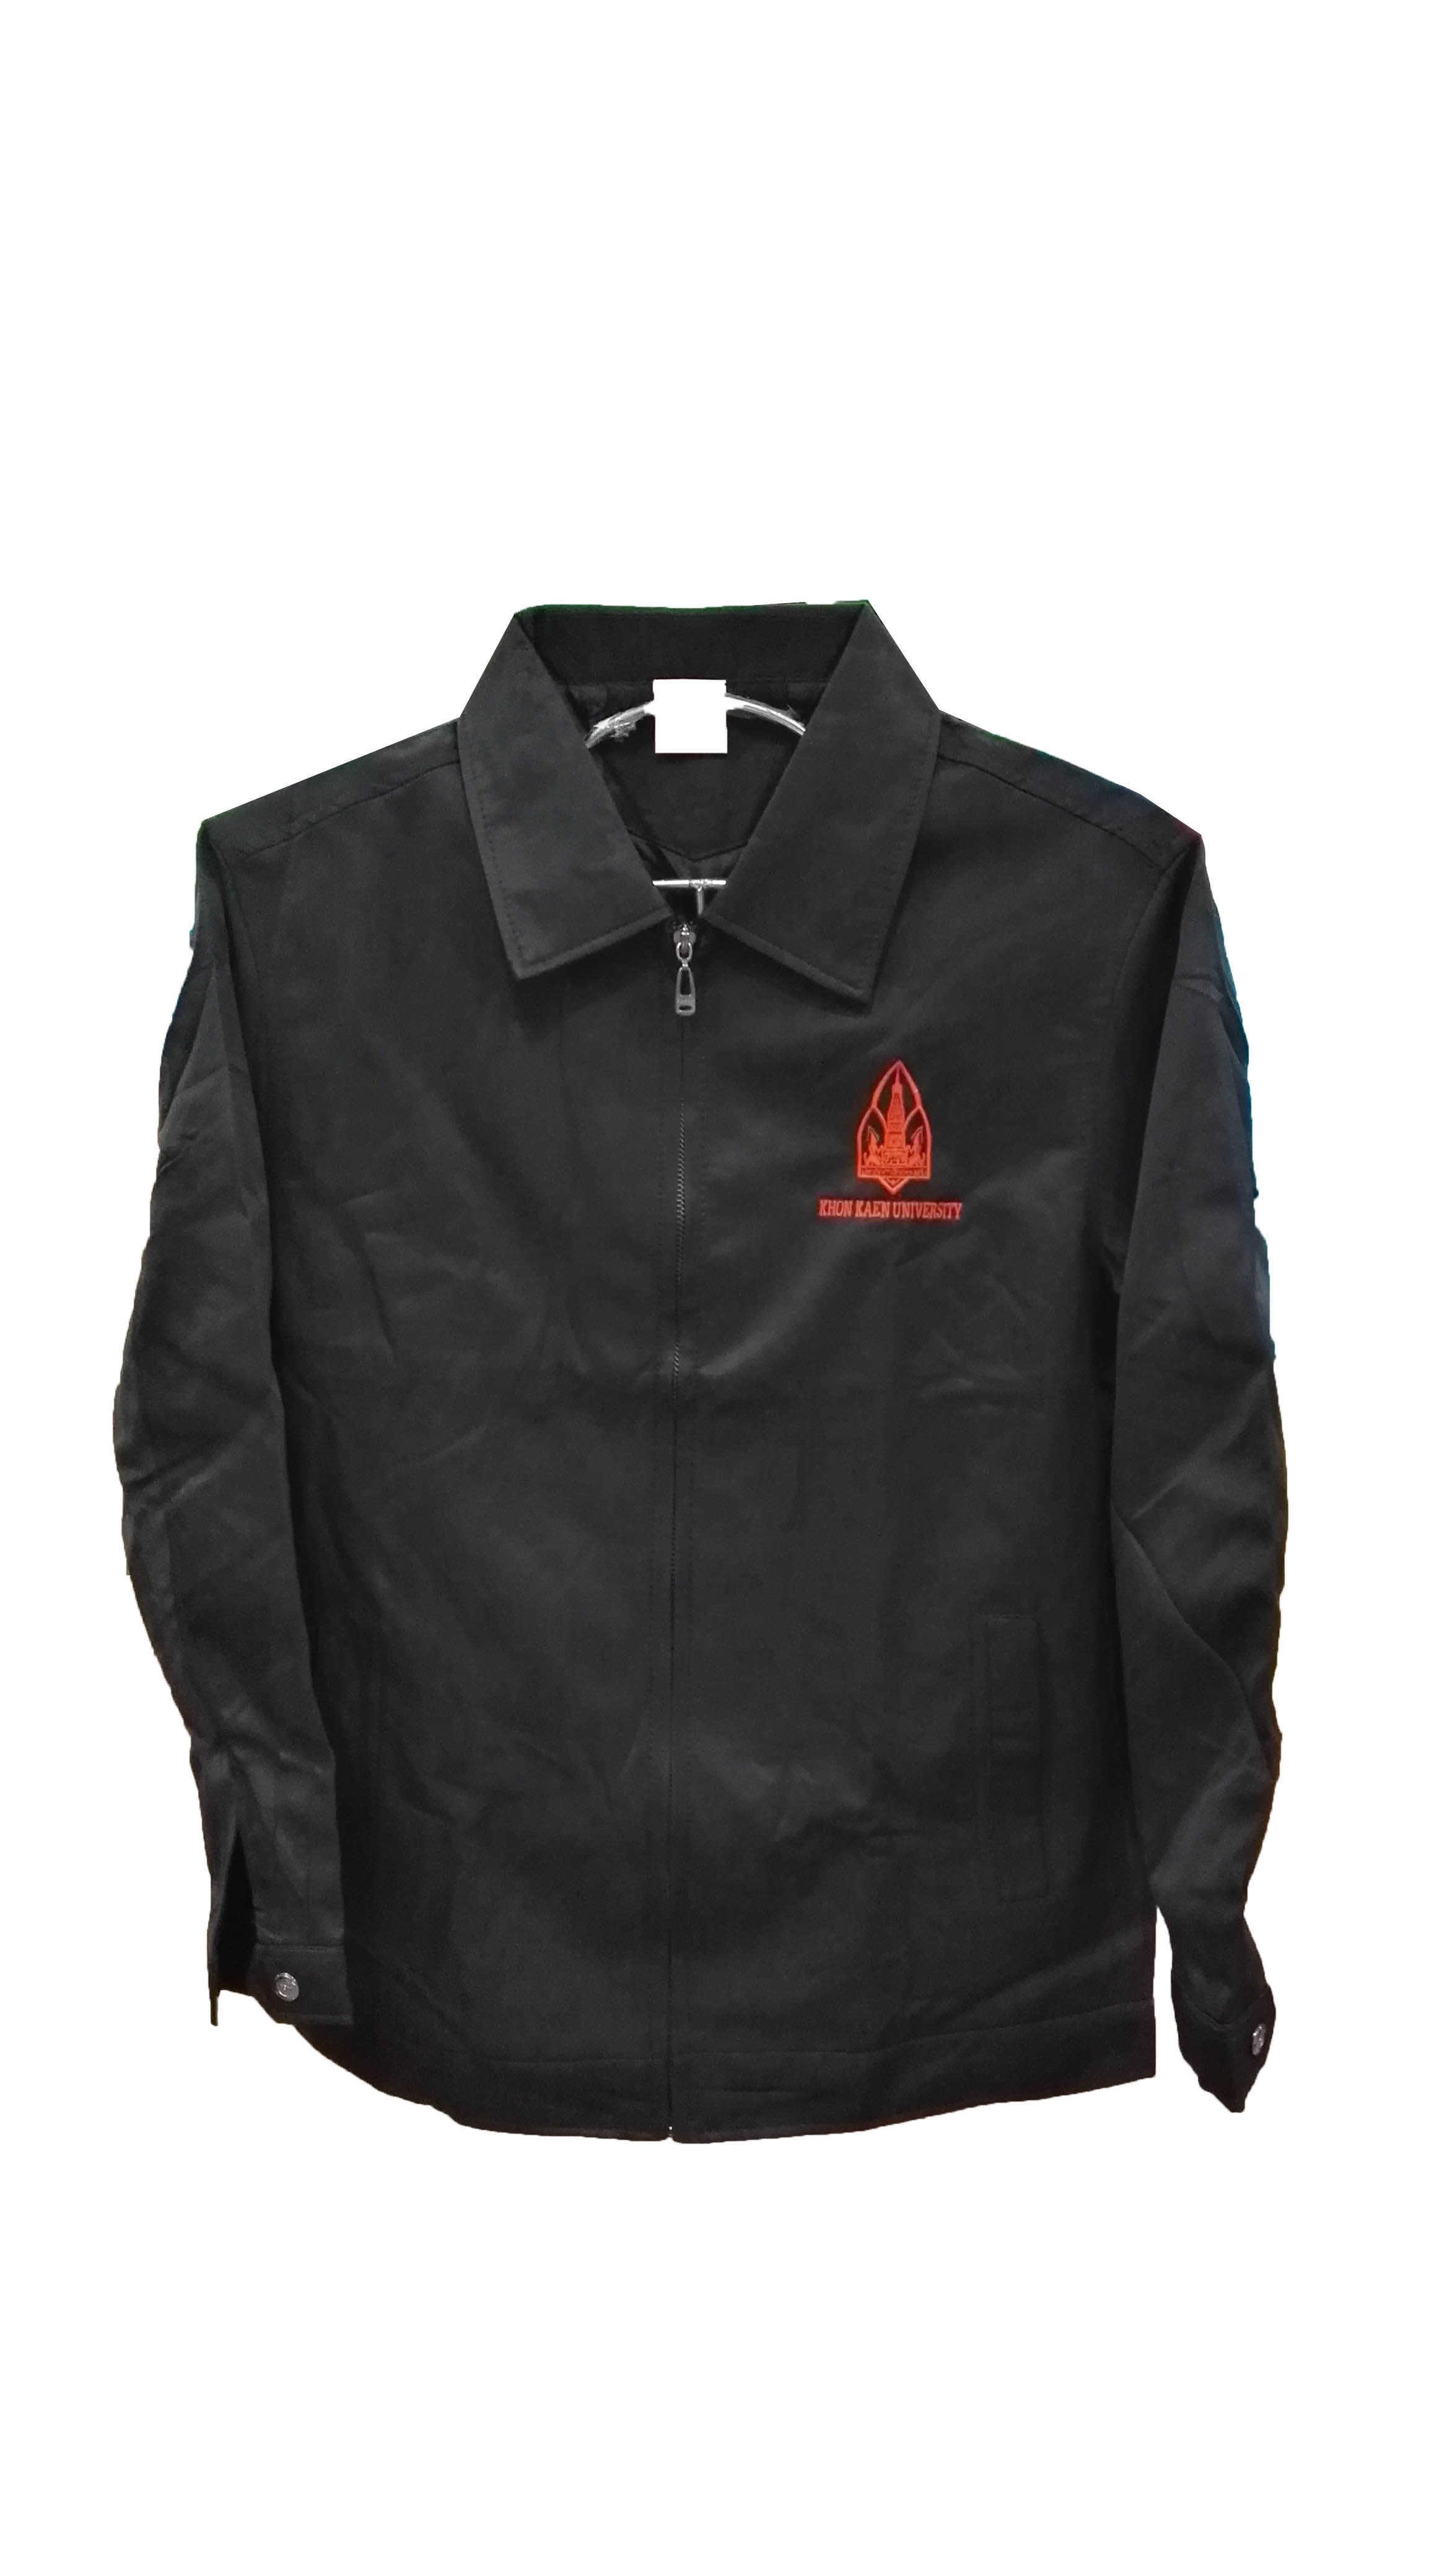 เสื้อแจ็คเก็ตคอปกสีดำ Size M